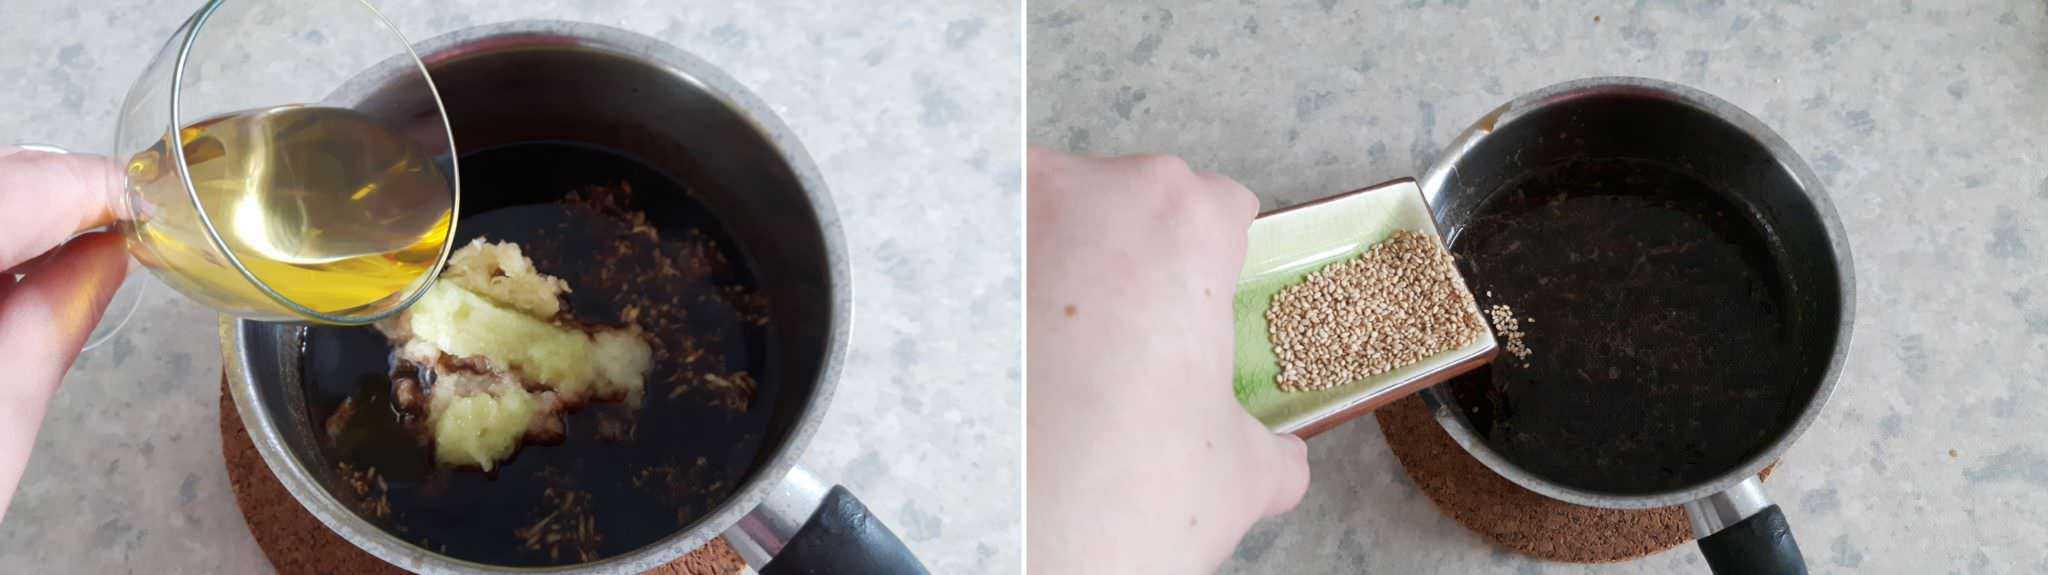 Teppanyaki Grillsoße Schritt 5 Sesamöl und Sesam hinzufügen